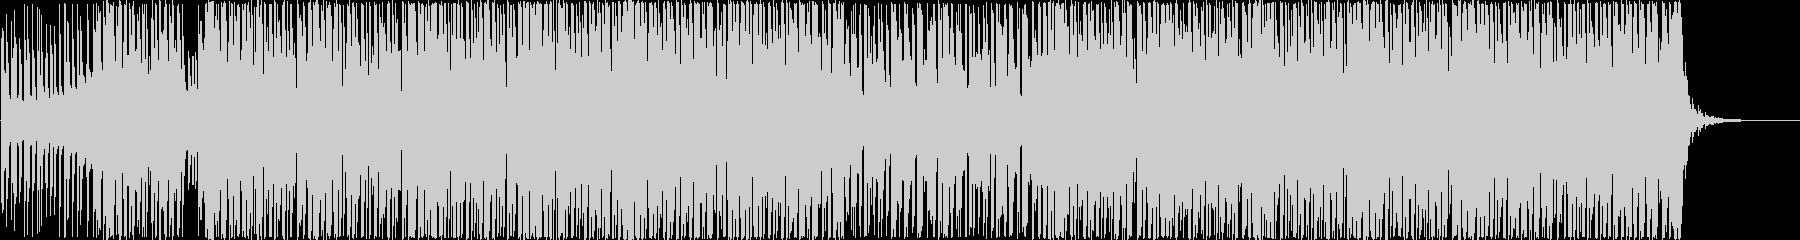 ウキウキ楽しくテンションが上がる明るい曲の未再生の波形